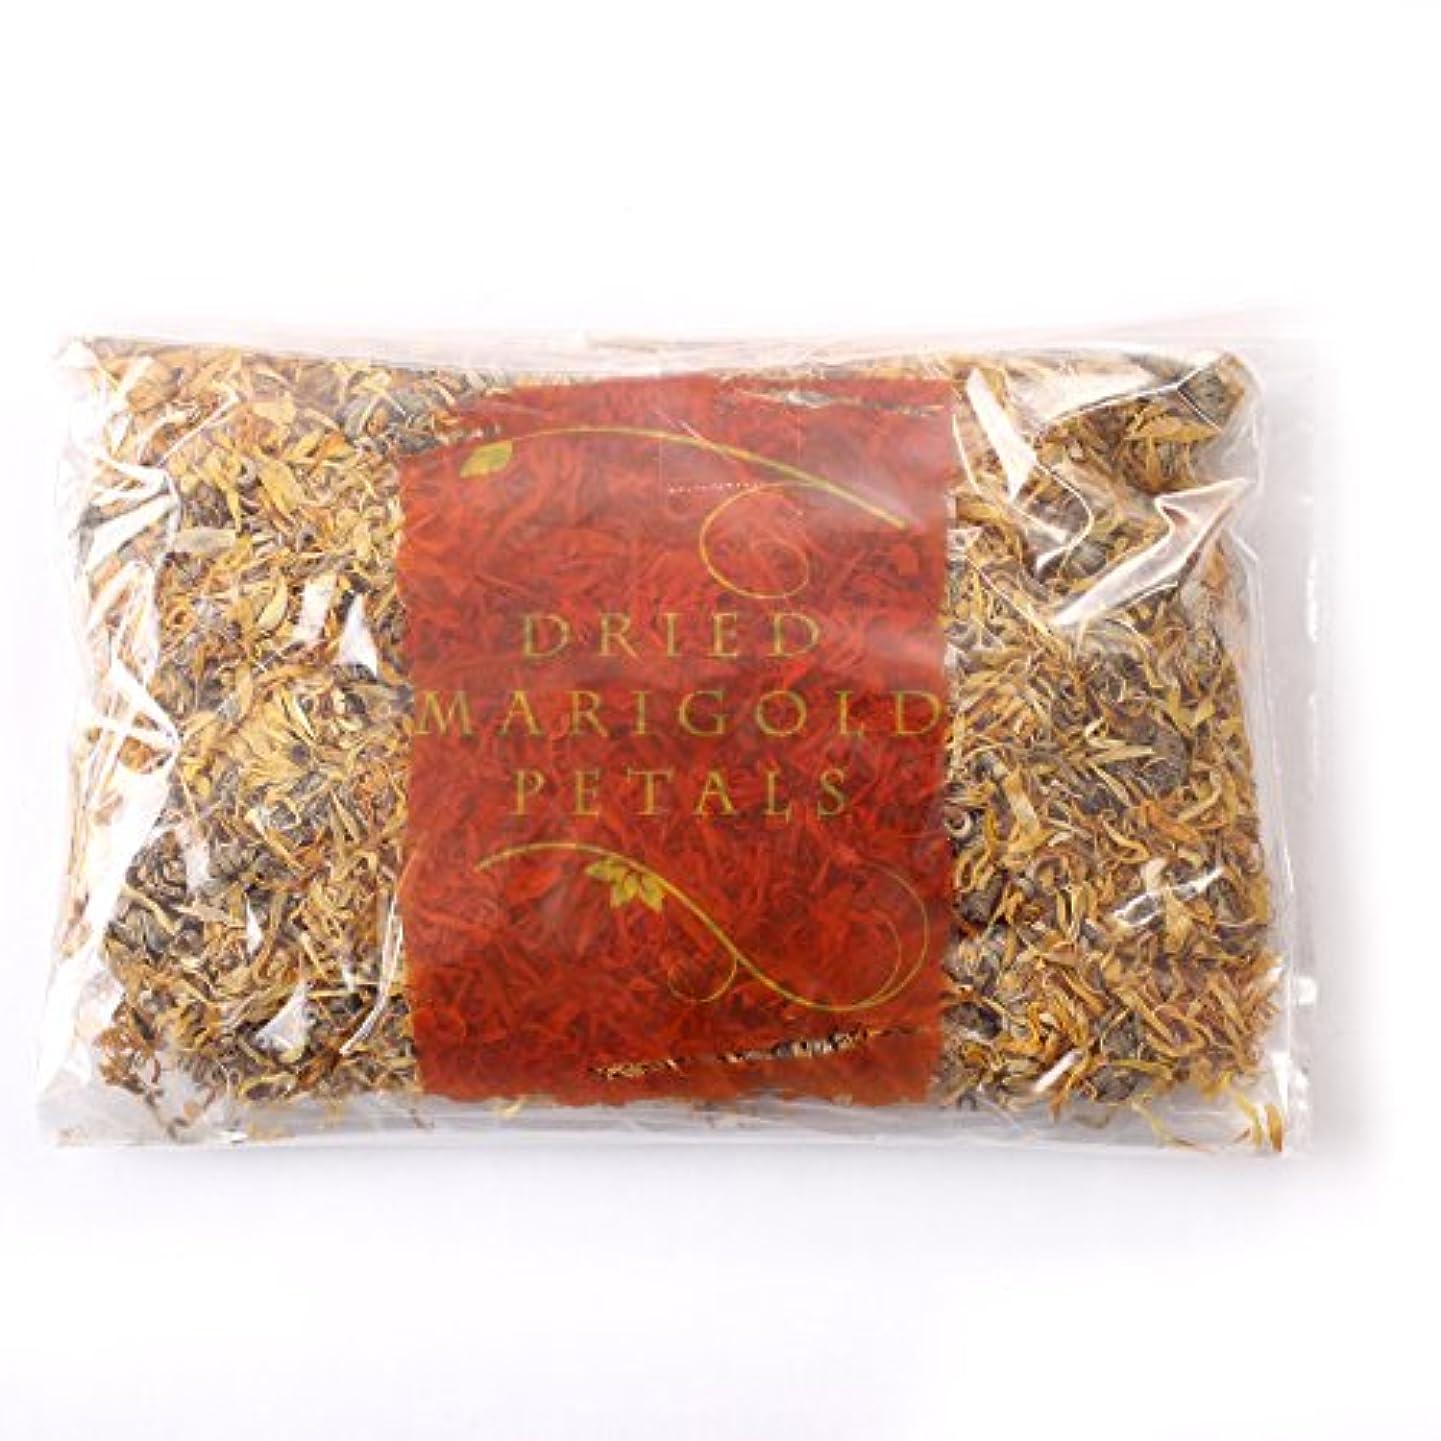 行方不明スラッシュ残酷Dried Marigold Petals - 500g